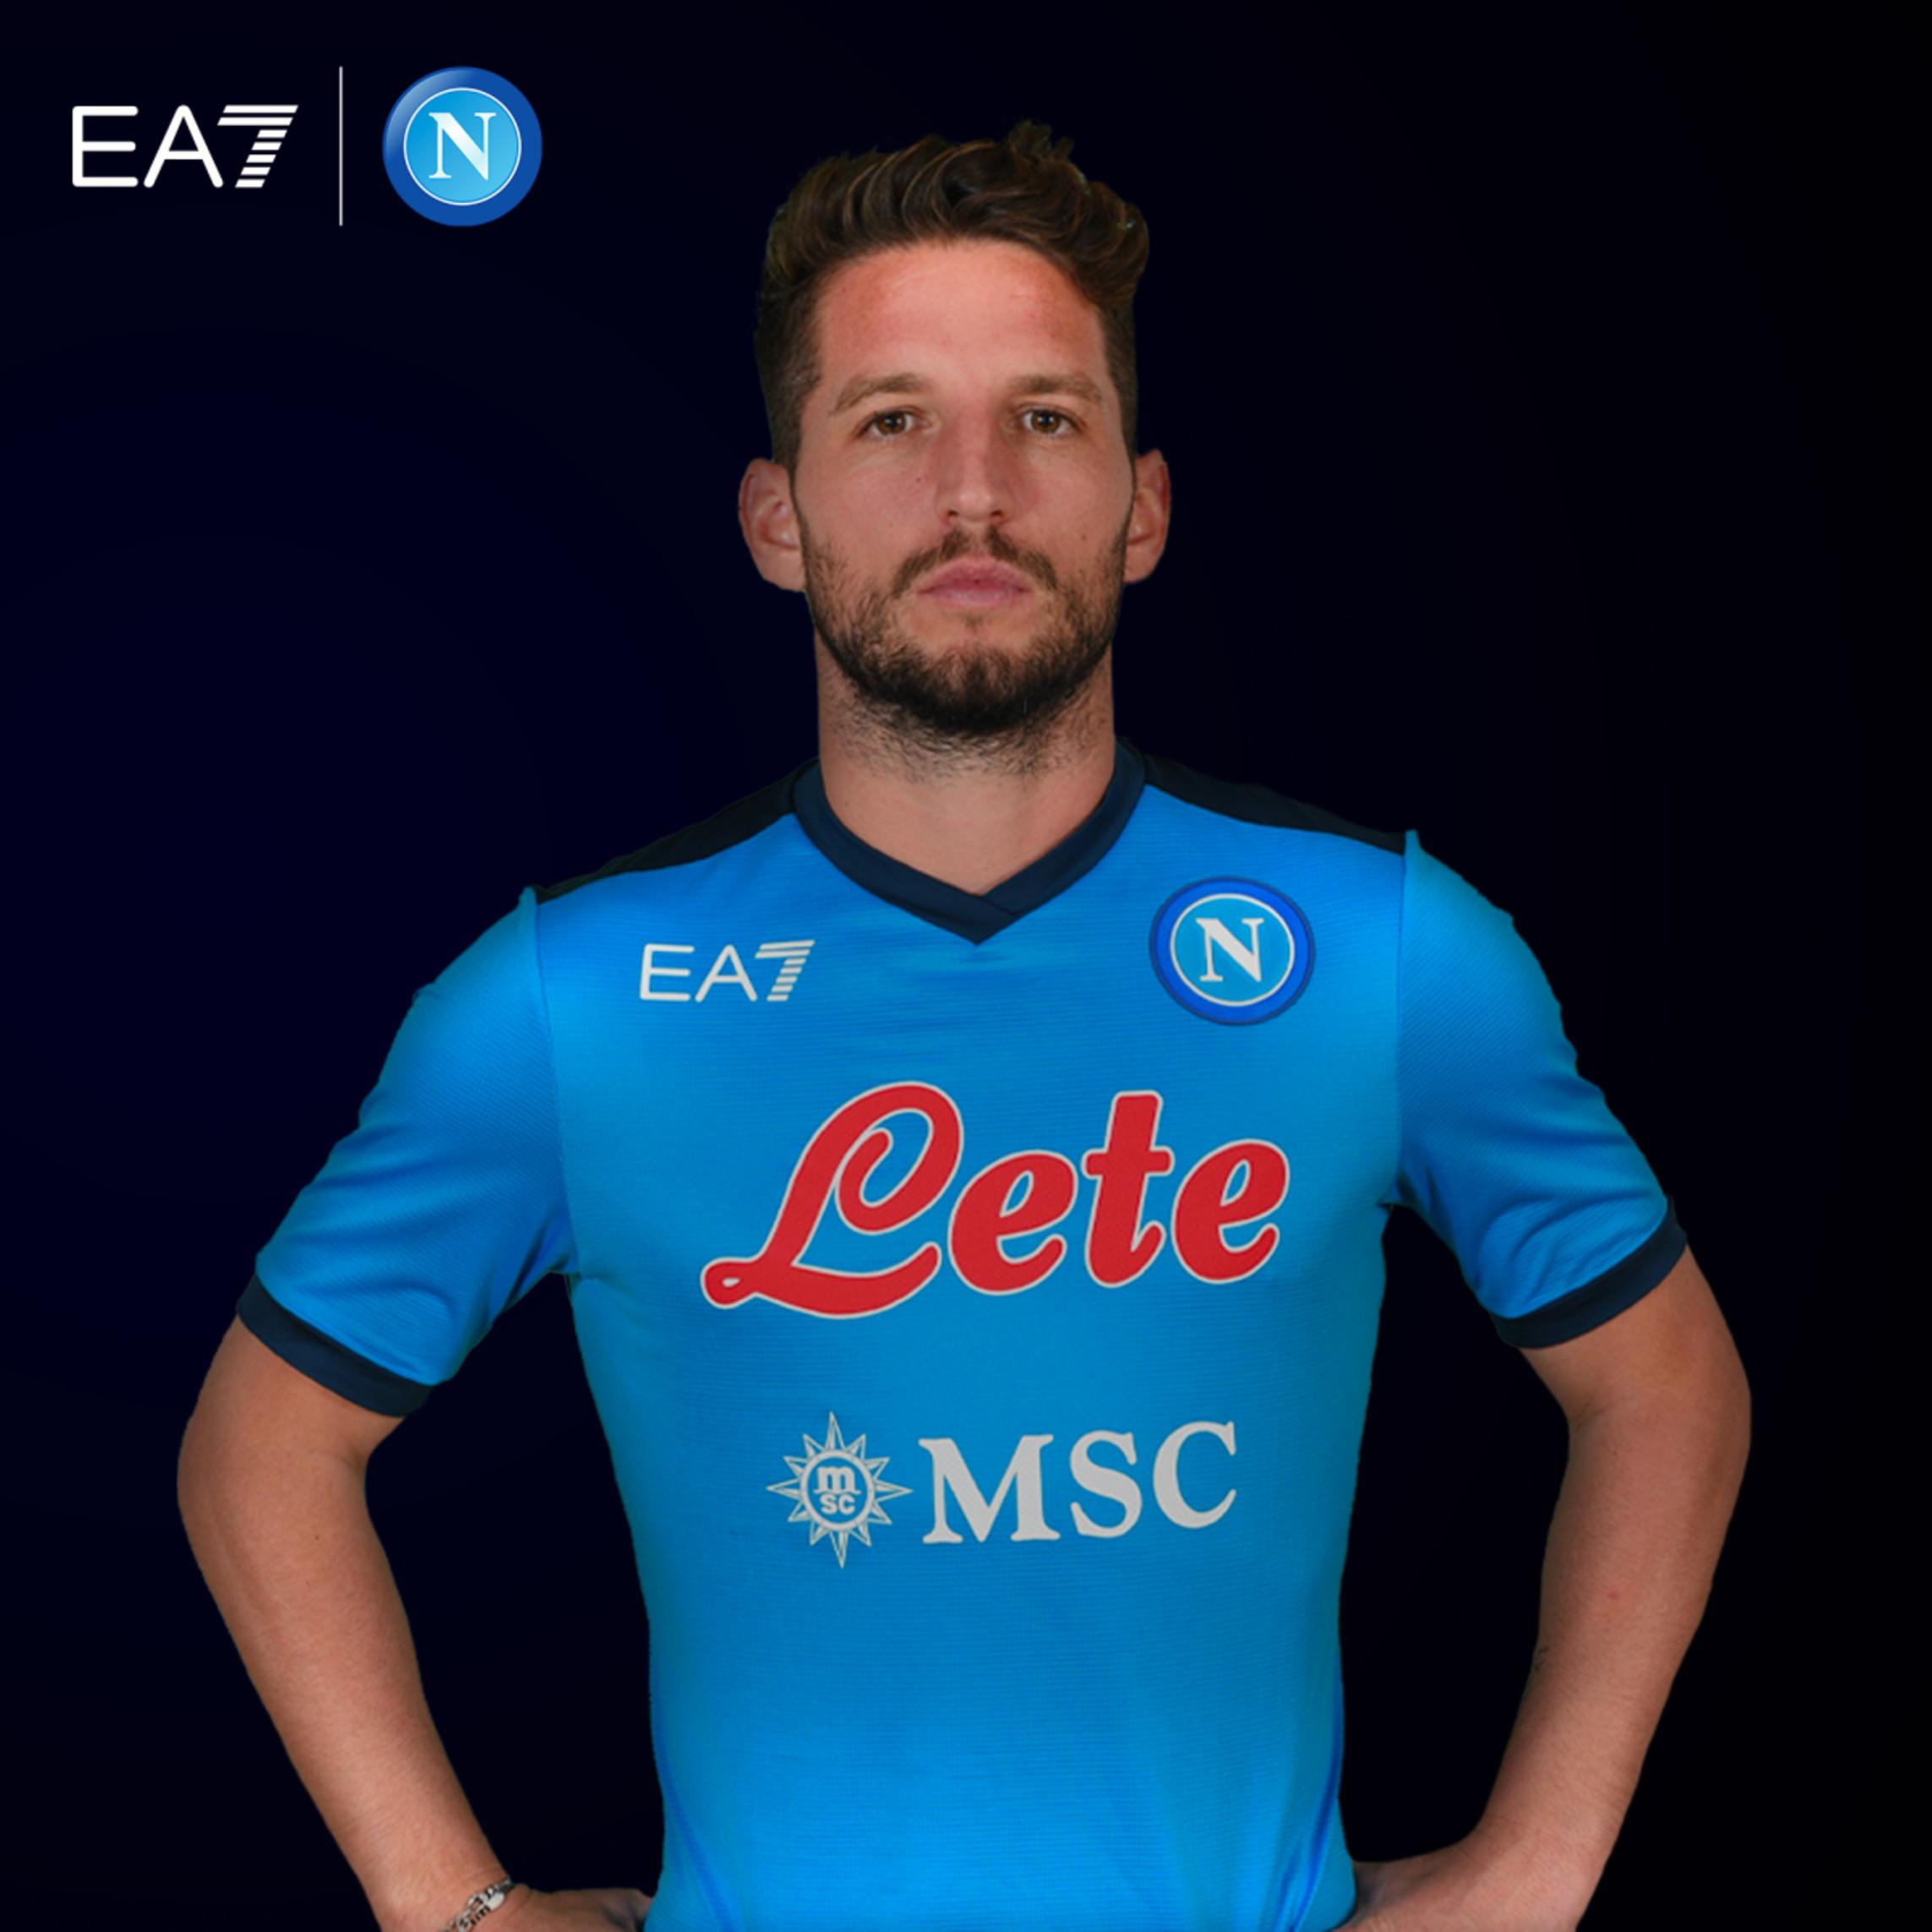 Prosegue l&rsquo;impegno di Giorgio Armani a favore dello sport attraverso l&rsquo;accordo con Aurelio De Laurentiis proprietario e Presidente del Calcio Napoli. Accordo che prevede una collaborazione per la stagione 2021-2022 attraverso il marchio EA7 che vestir&agrave; la squadra del Napoli.<br /><br />